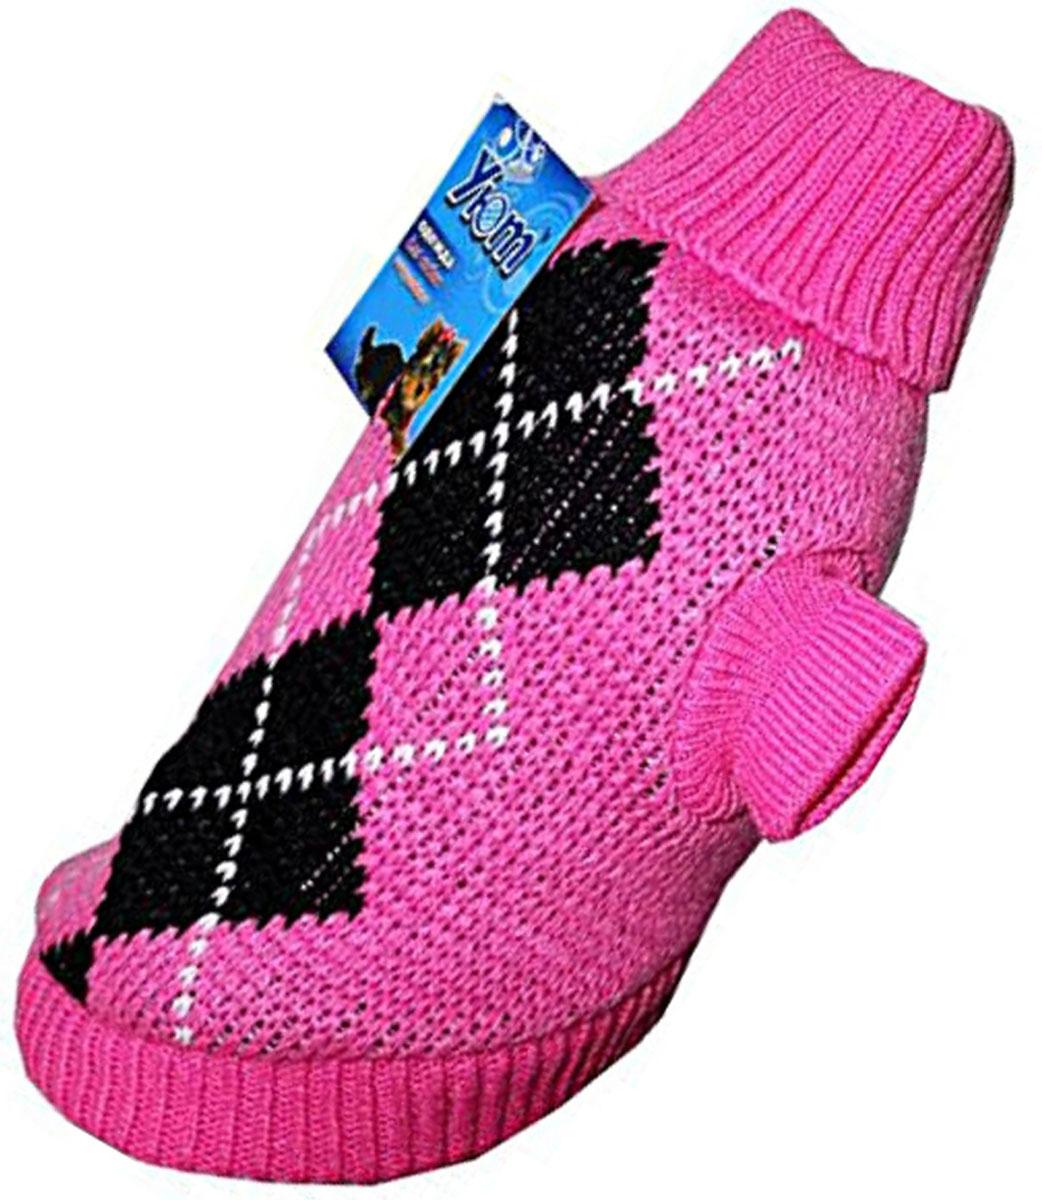 Свитер для собак Уют, для девочки, цвет: розовый. НМ11ХС. Размер XSНМ11ХСКрасивый вязаный свитер для собак Уют выполнен из акрила. Рукава, воротник и низ изделия дополнены эластичными трикотажными резинками для плотного прилегания. Модель декорирована красивым рисунком в виде ромбов. В таком свитере вашей собачке будет тепло и уютно. Обхват шеи: 22-24 см.Обхват груди: 27-33 см.Длина спинки: 20 см.